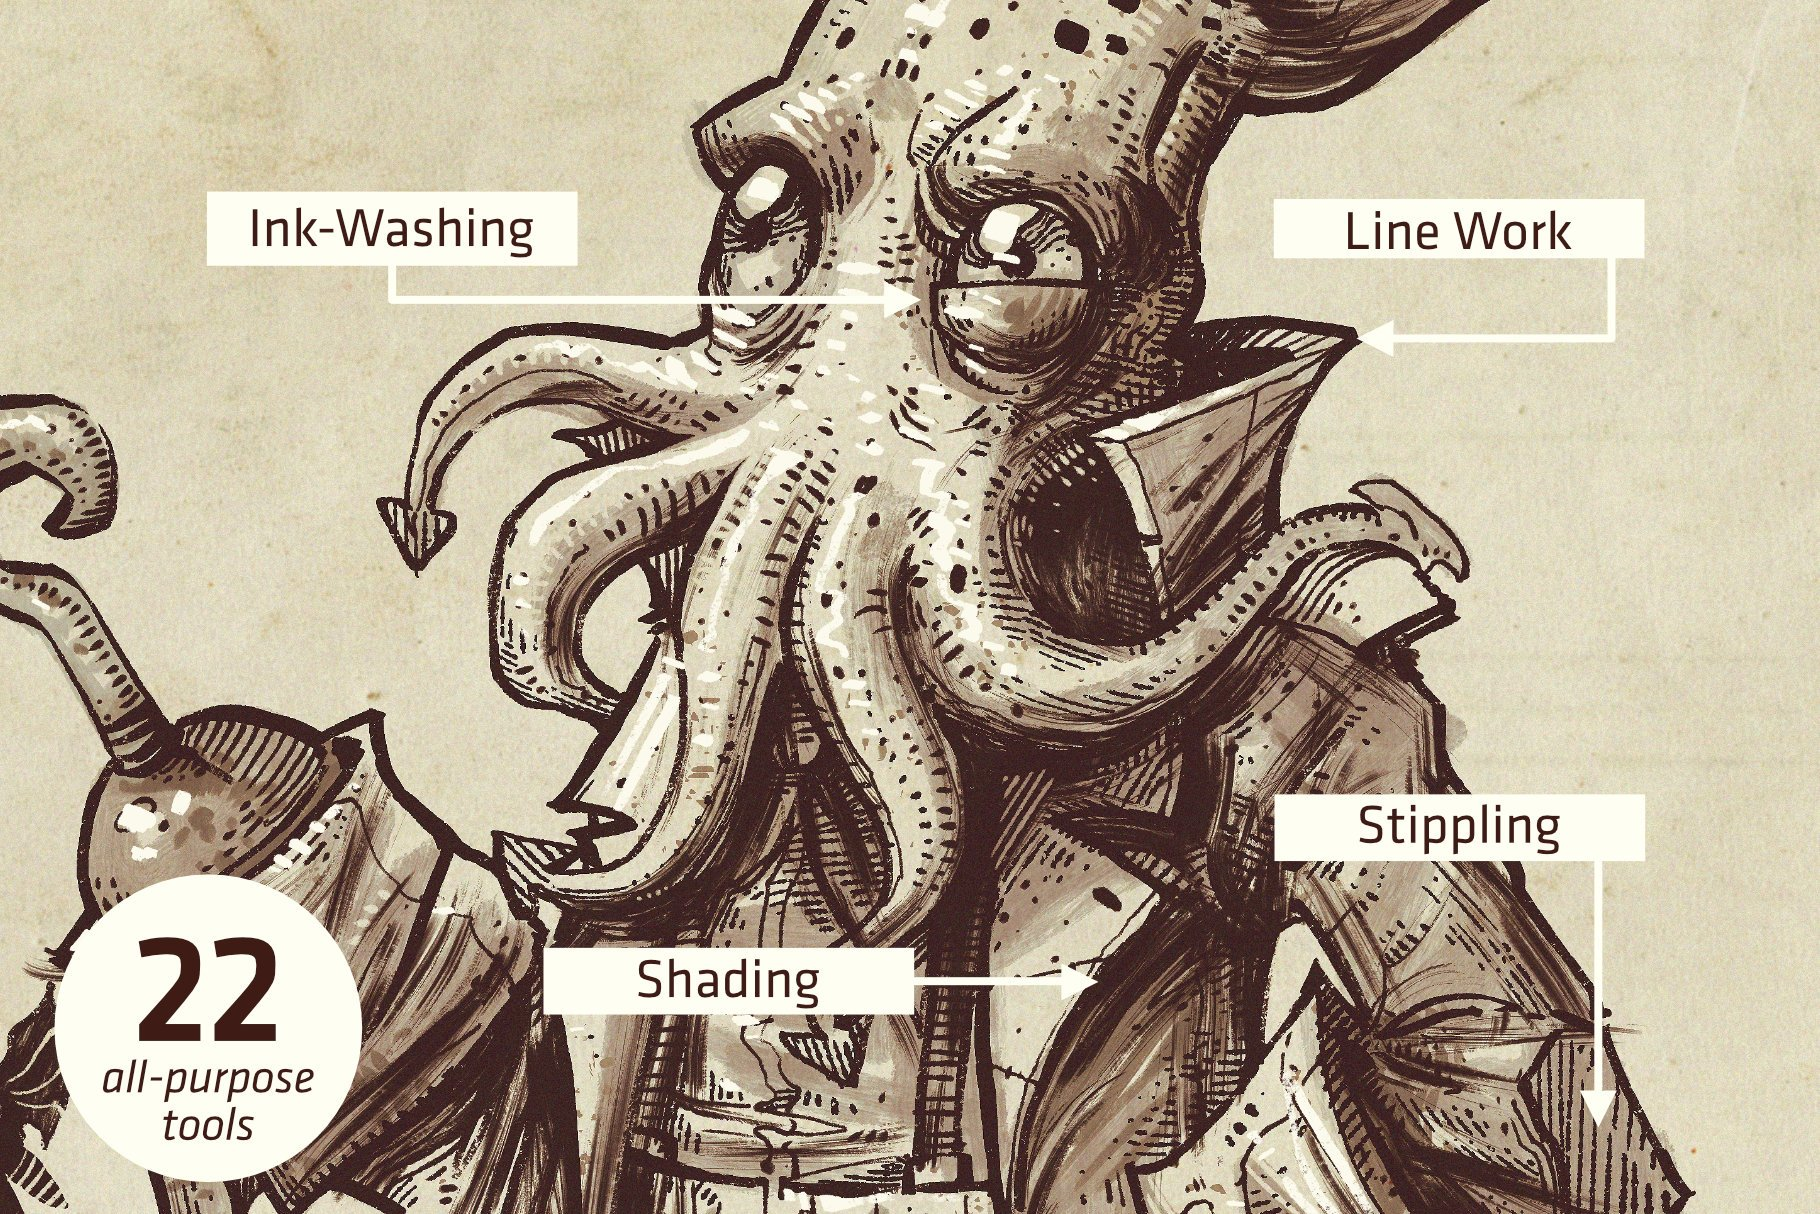 潮流粗糙点状水墨毛笔笔触画笔Procreate笔刷素材 Squid Brush Pack For Procreate插图2